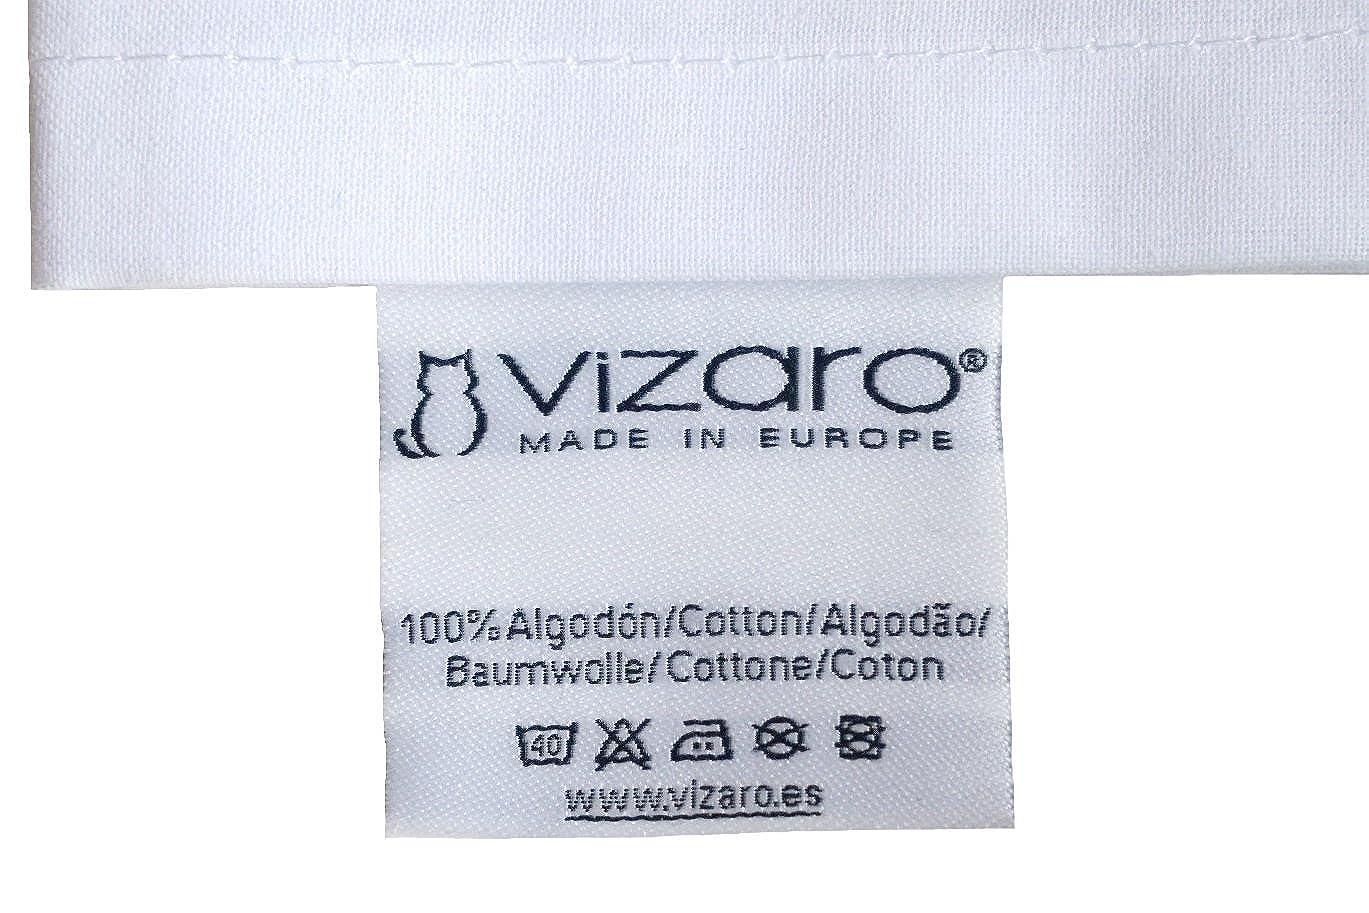 Vizaro - SACO de DORMIR Recién Nacido (0-4 meses) 100g - 3,5Tog - INVIERNO, ENTRETIEMPO - 100% ALGODÓN PURO - ALTA CALIDAD, hecho en UE, certificado OekoTex ...